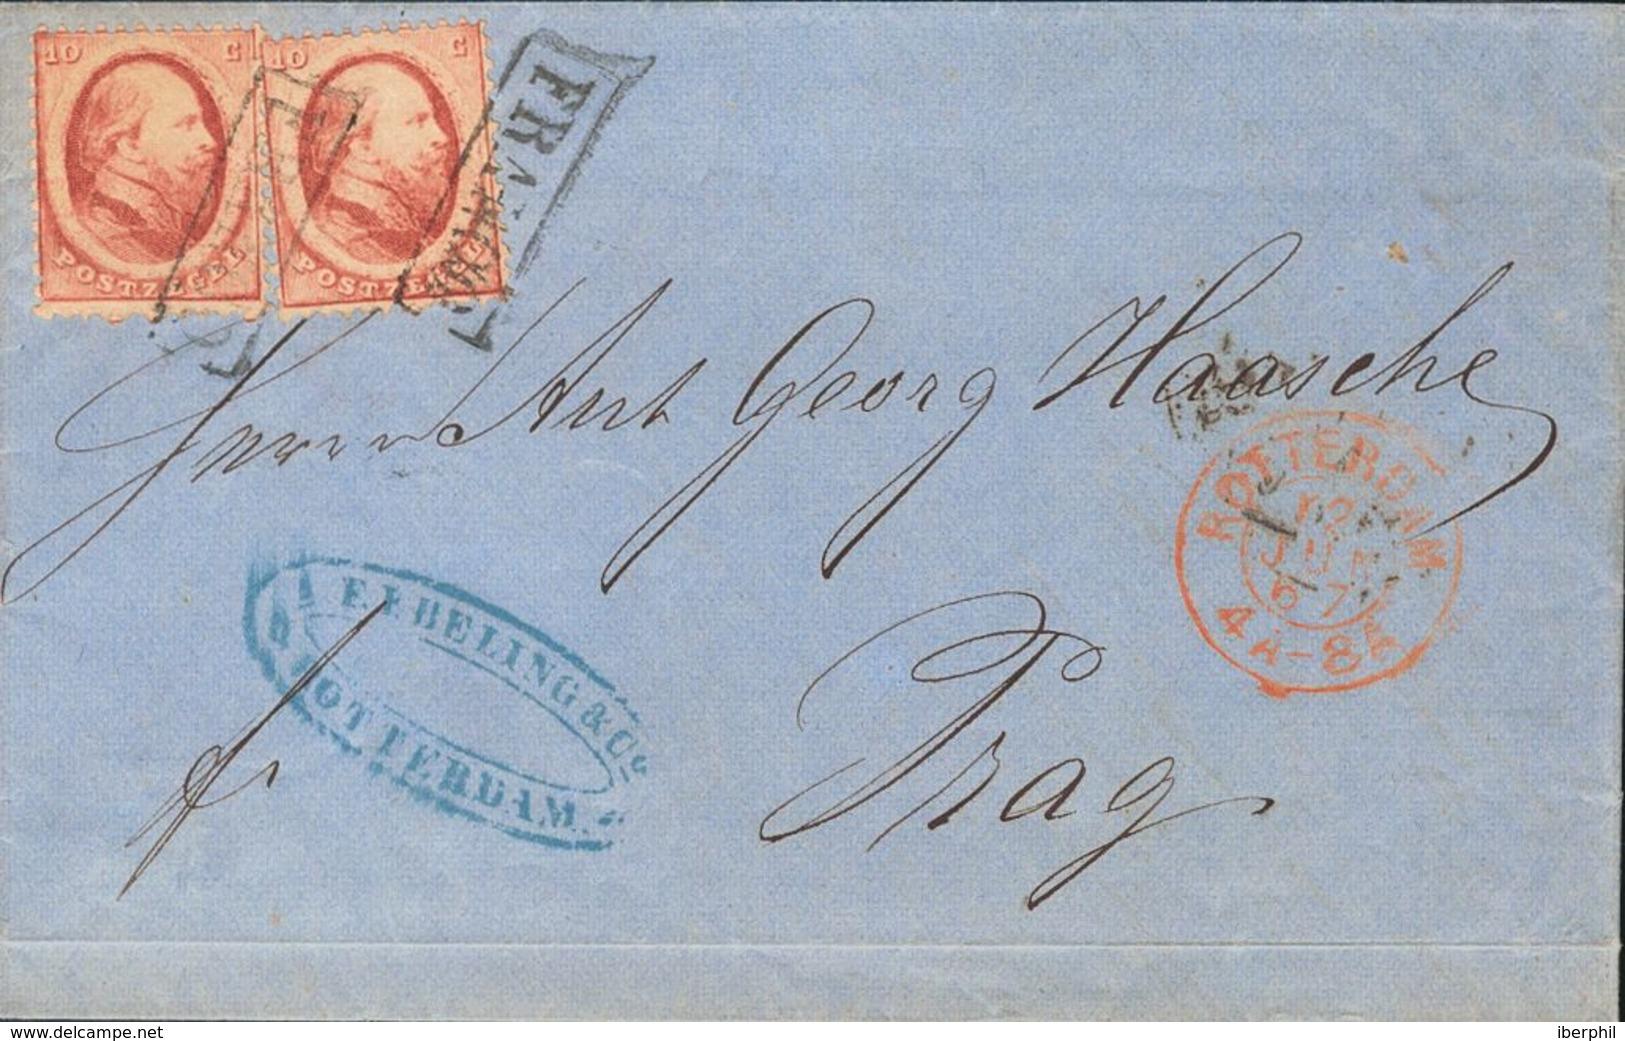 Holanda. SOBREYv . 1867. 10 Cent Red, Two Stamps. ROTTERDAM To PRAGUE (present Day CZECH REPUBLIC). VERY FINE. (NVPH 5). - ...-1852 Precursores